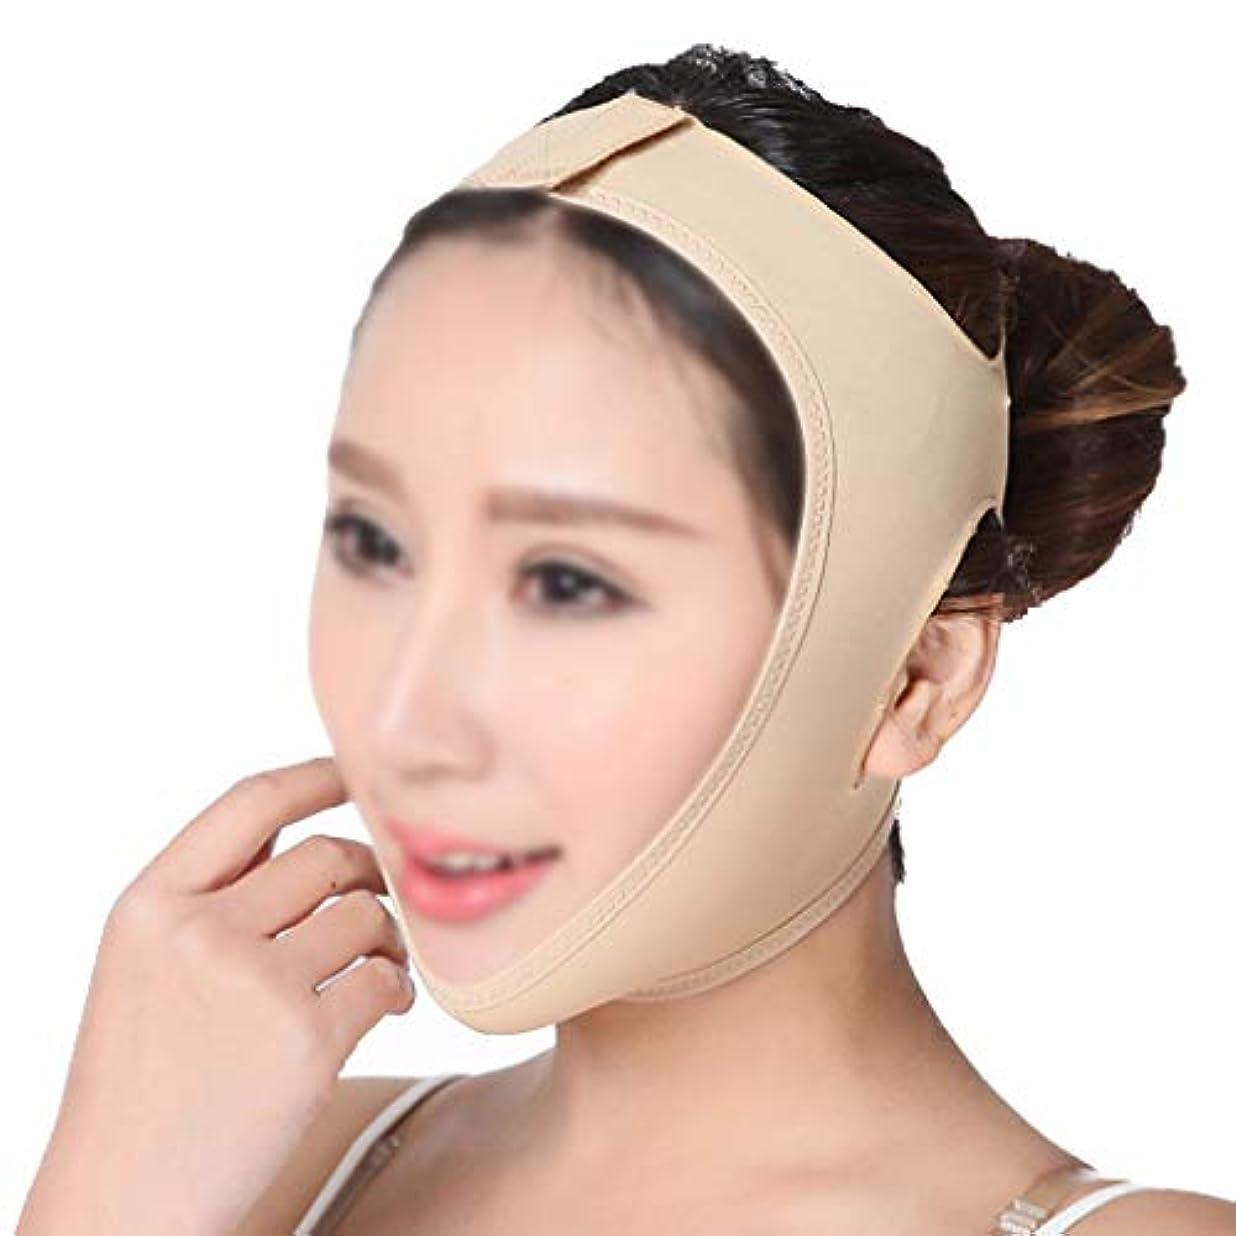 誰も追加新鮮なフェイスリフティングマスク、持ち上がるあごと顔の肌、垂れ下がるのを防ぐ頬、快適で通気性のある生地、詰まることを拒否、身に着けやすい (Size : XL)